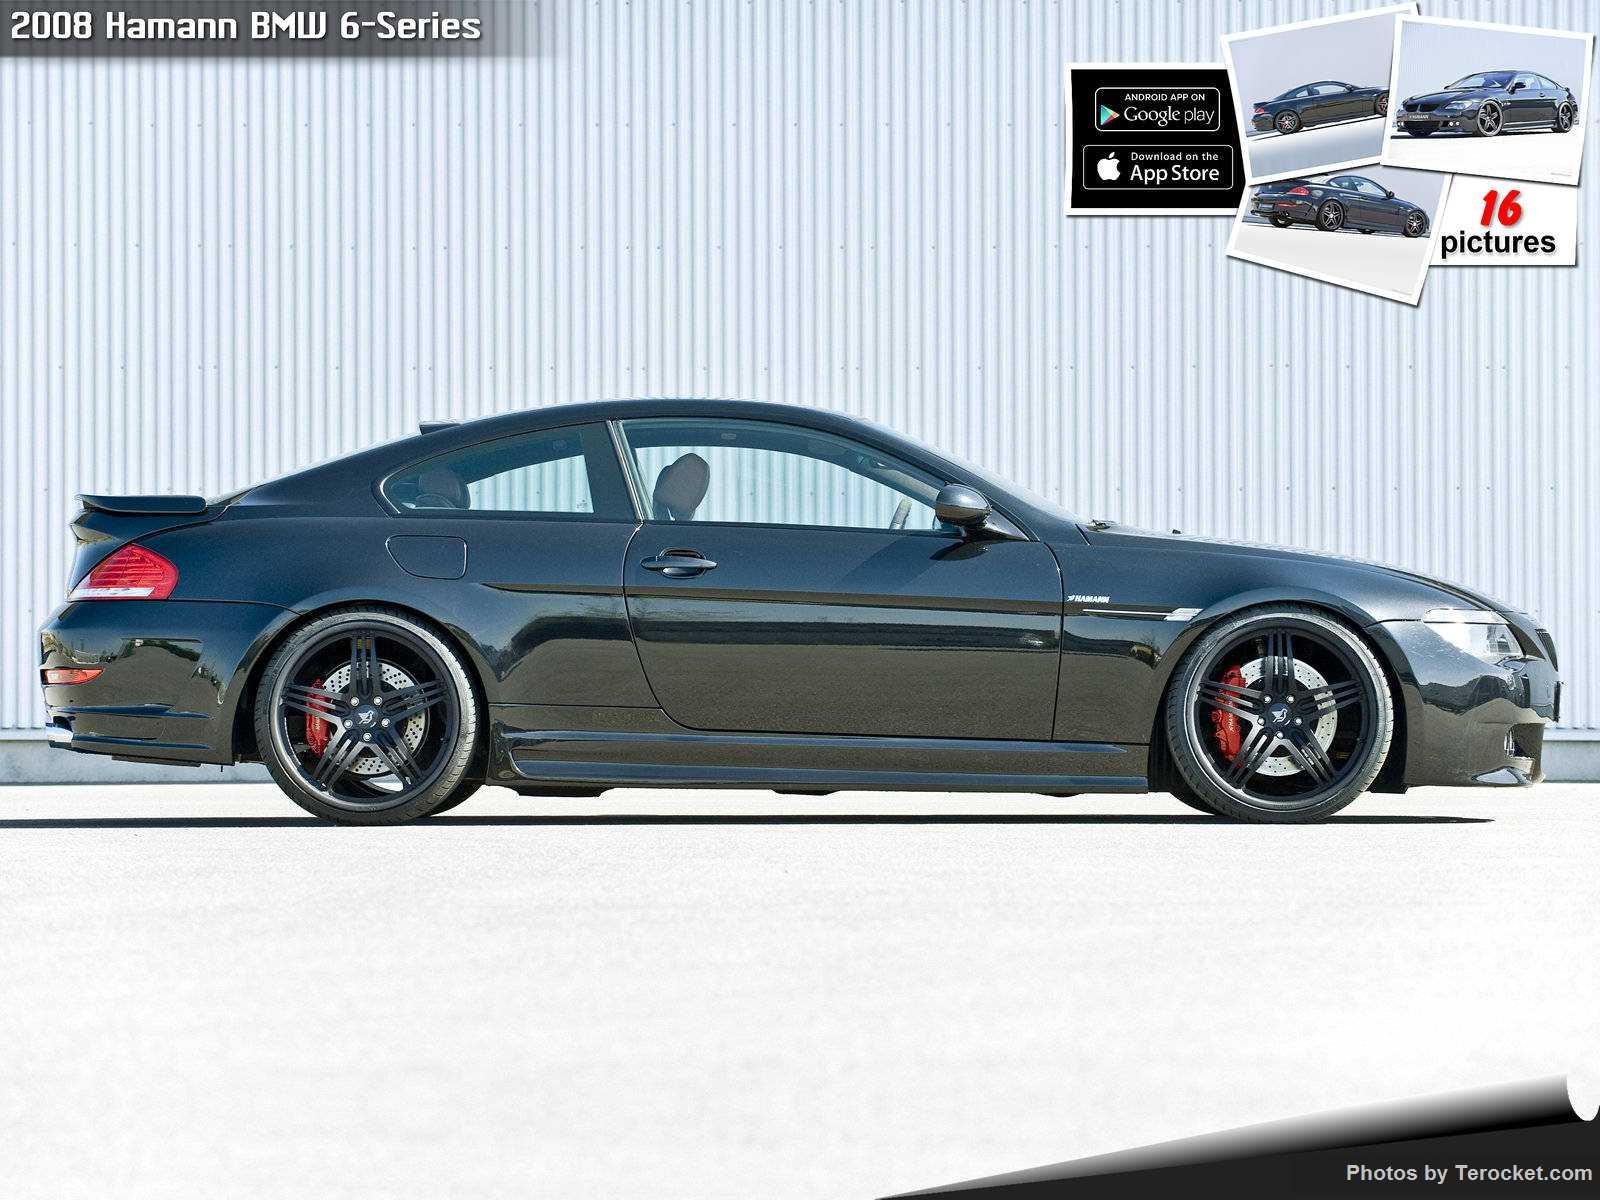 Hình ảnh xe ô tô Hamann BMW 6-Series 2008 & nội ngoại thất